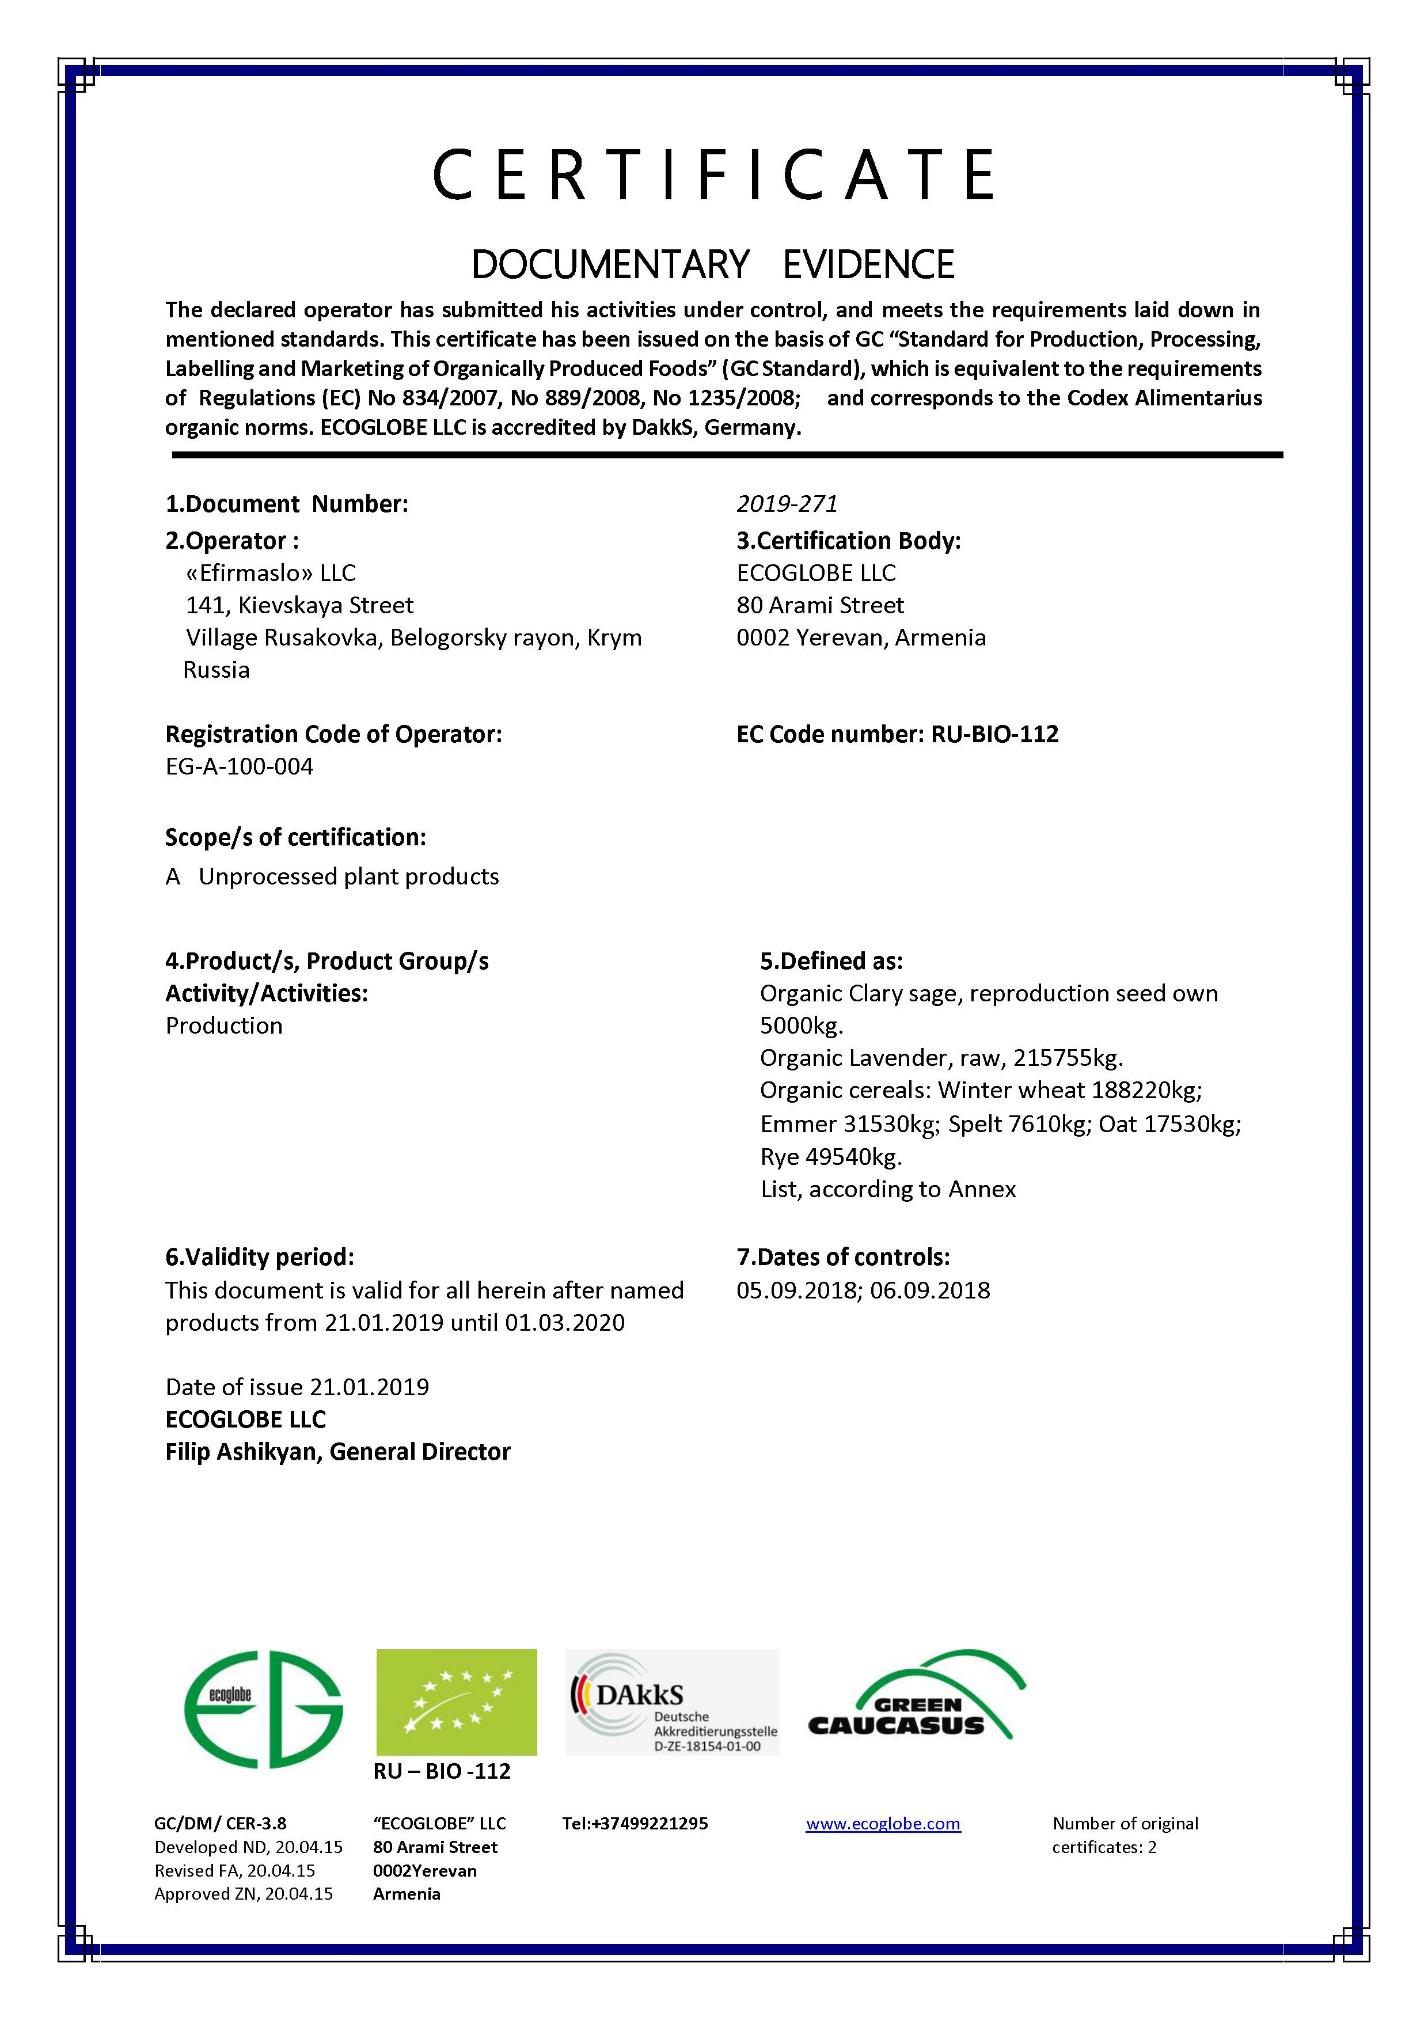 word image 101 Комплексное эколого-химическое обследование по международным стандартам «Органик» хозяйства - экспортера и обоснование целесообразности производства органической продукции в условиях юга России